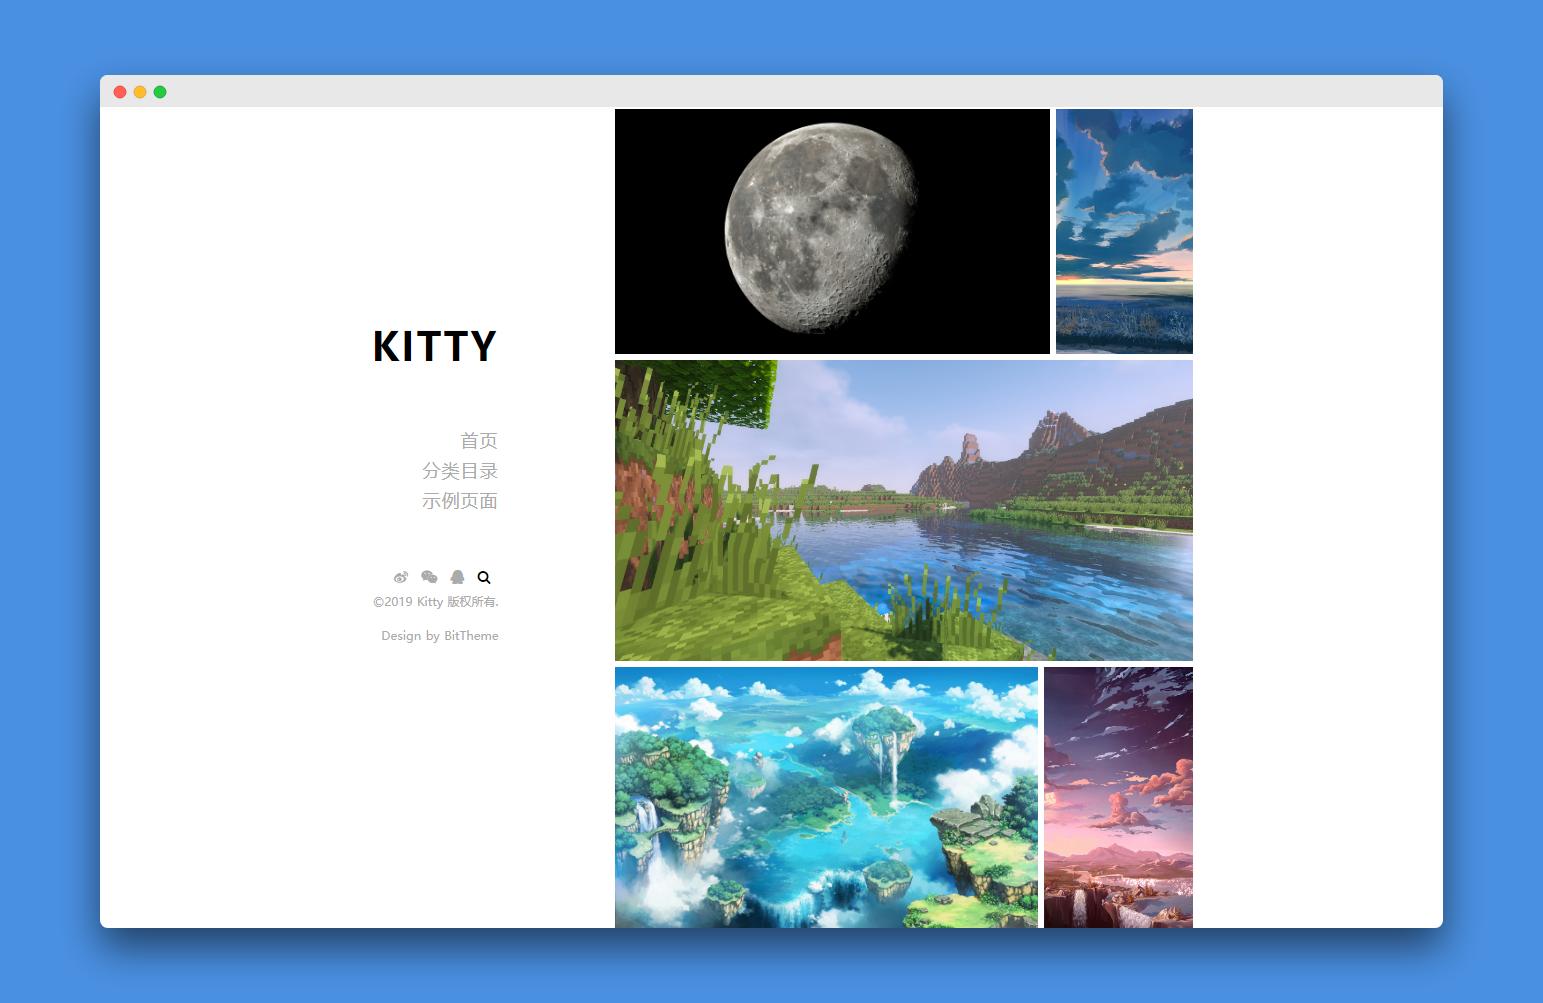 【精选主题】简约文字WordPress博客主题:Kitty [¥10]插图